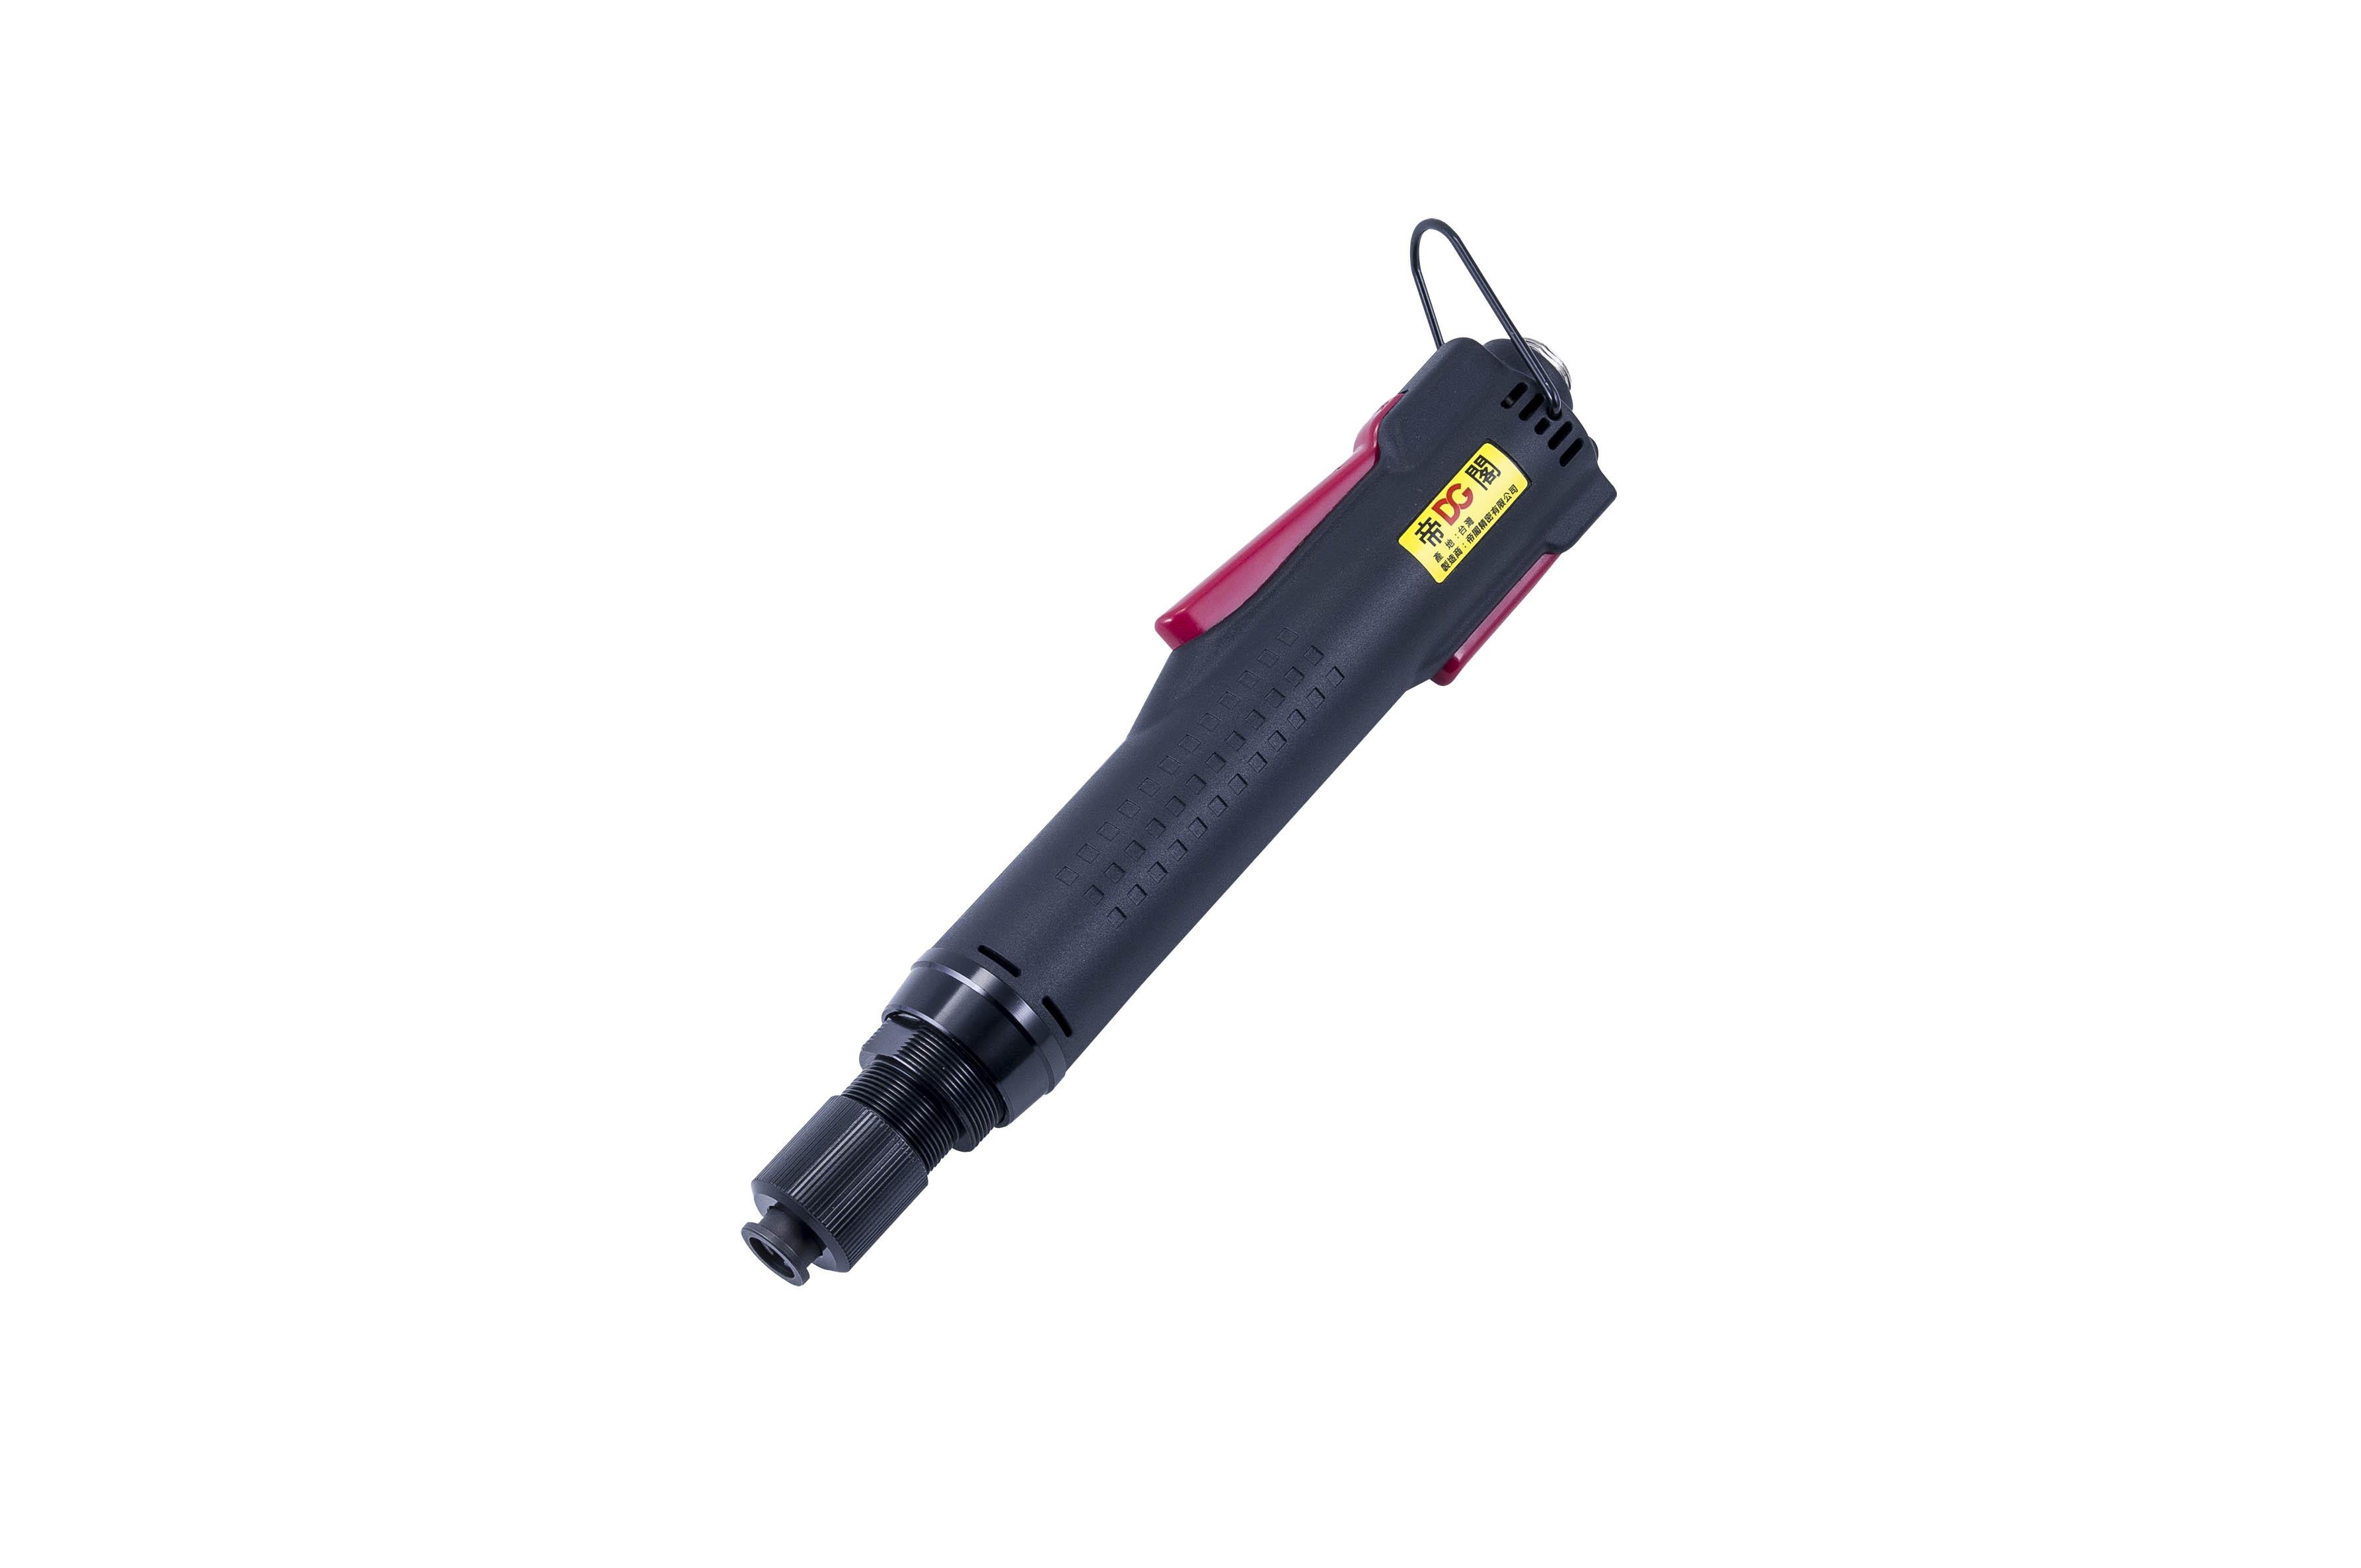 无碳刷电动螺丝刀  采用先进技术,不断改良锁付工具性能,让装配更轻松